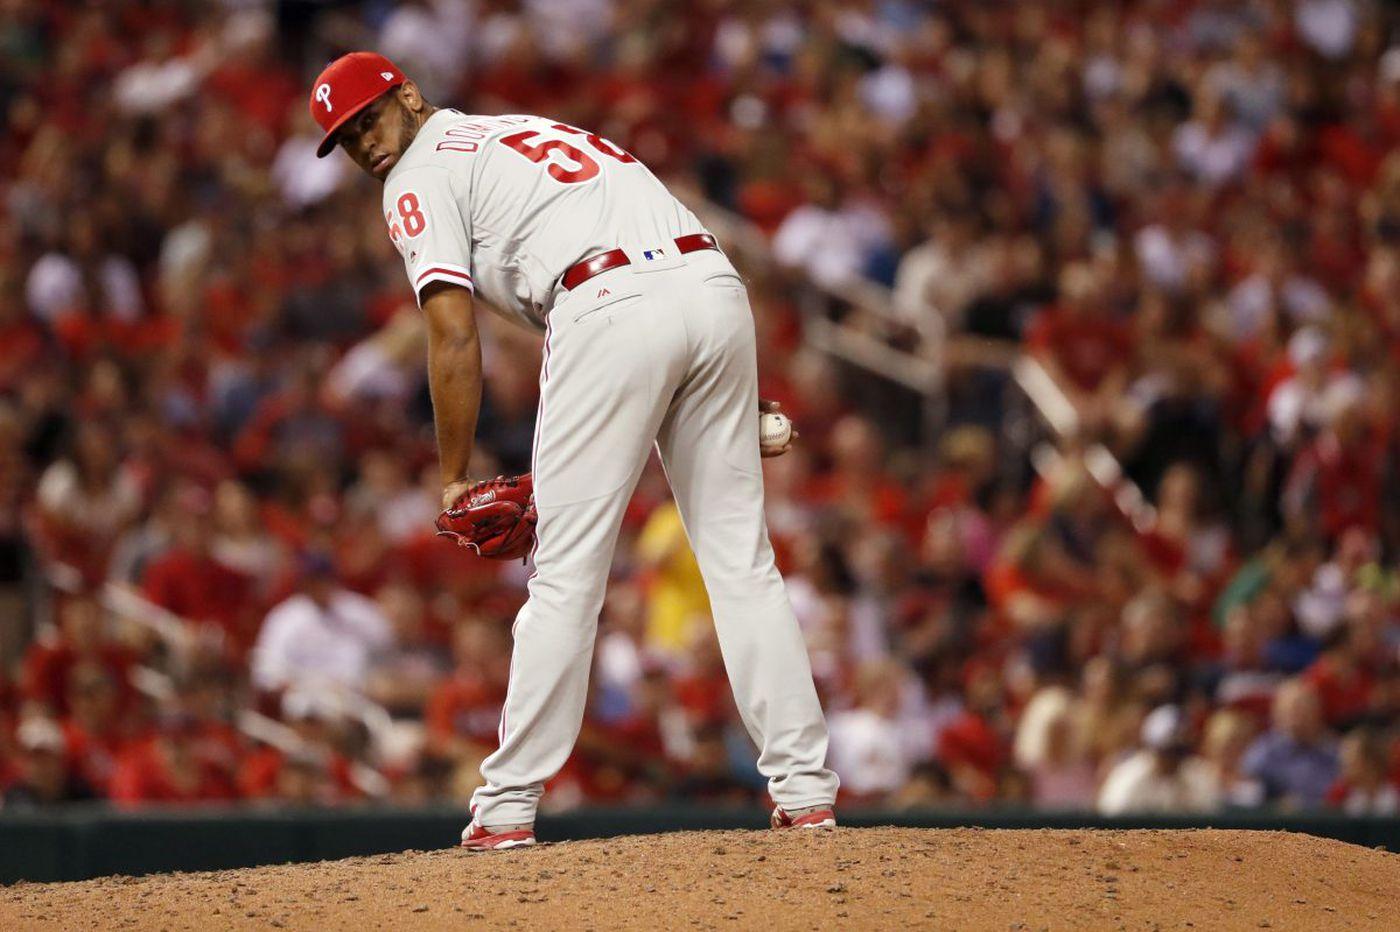 Phillies beat Cardinals as Vince Velasquez, Seranthony Dominguez deliver solid showings